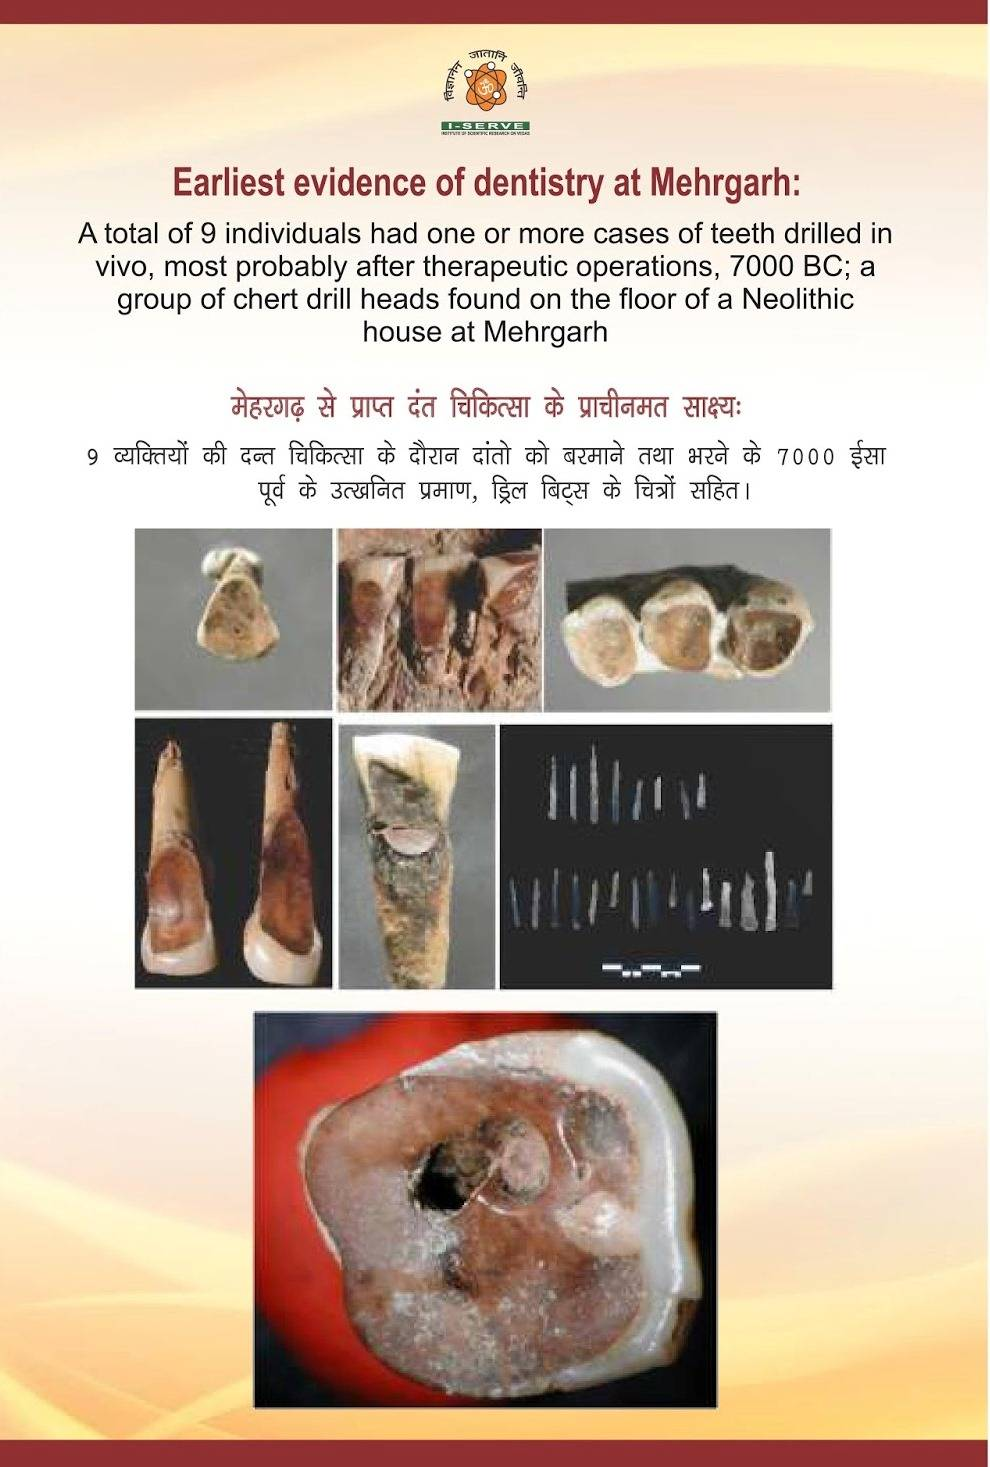 стоматология в древней Индии